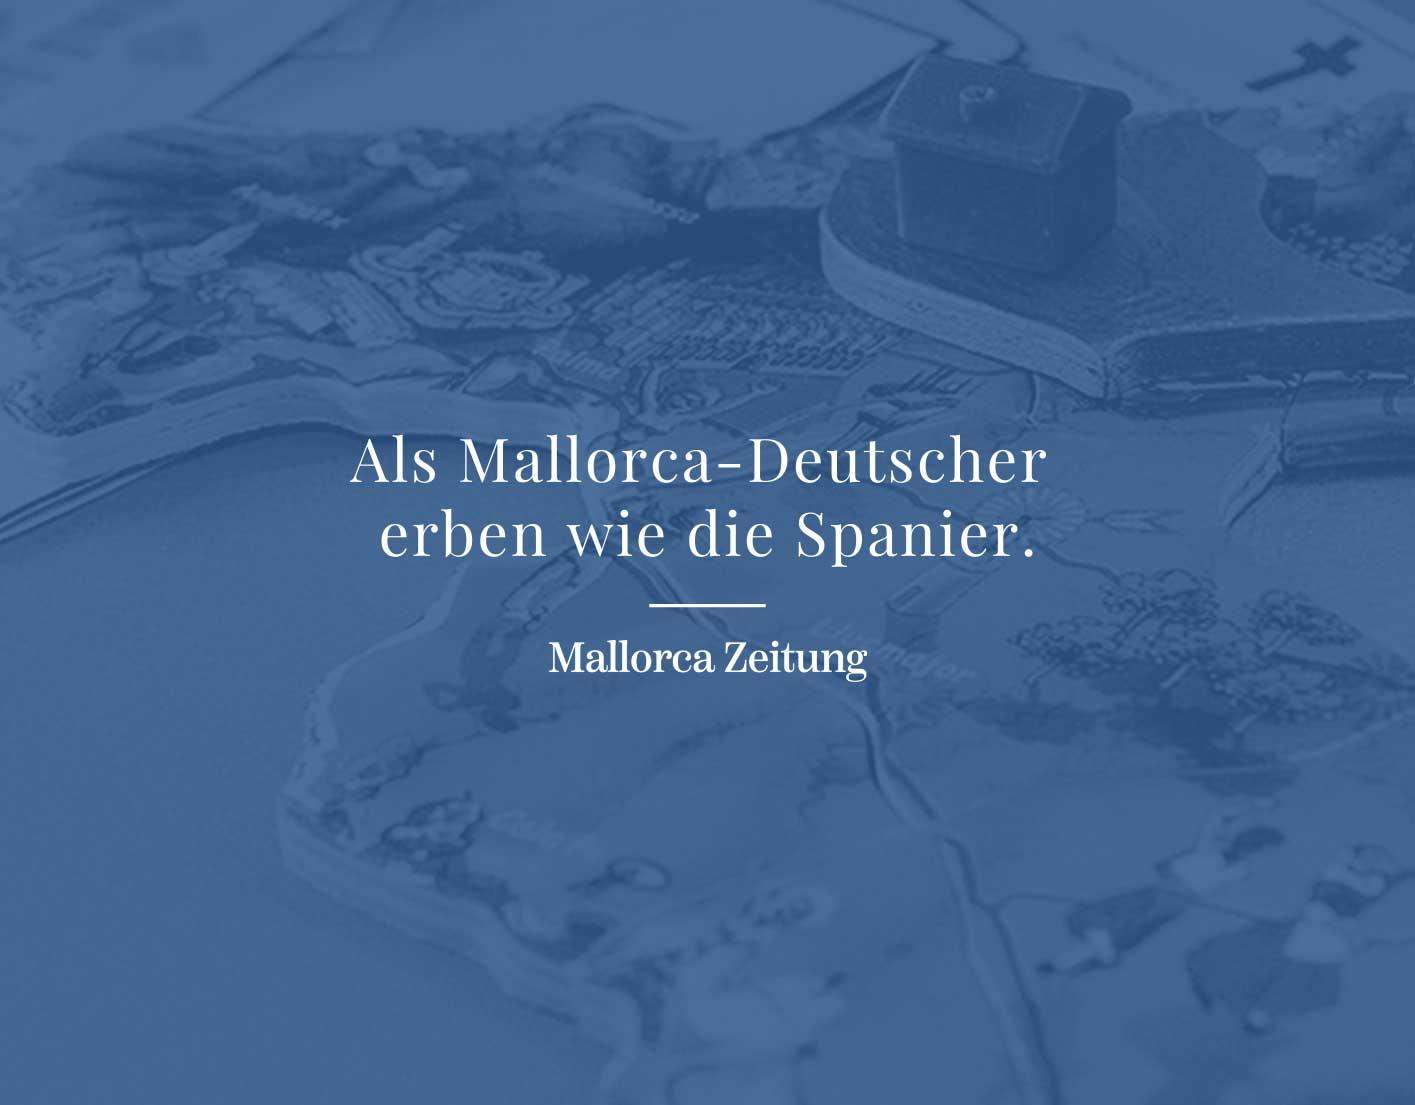 Nachfolgevereinbarungen für ausländische Einwohner der Balearen . Informationen in der Mallorca- Zeitung, die uns zitiert